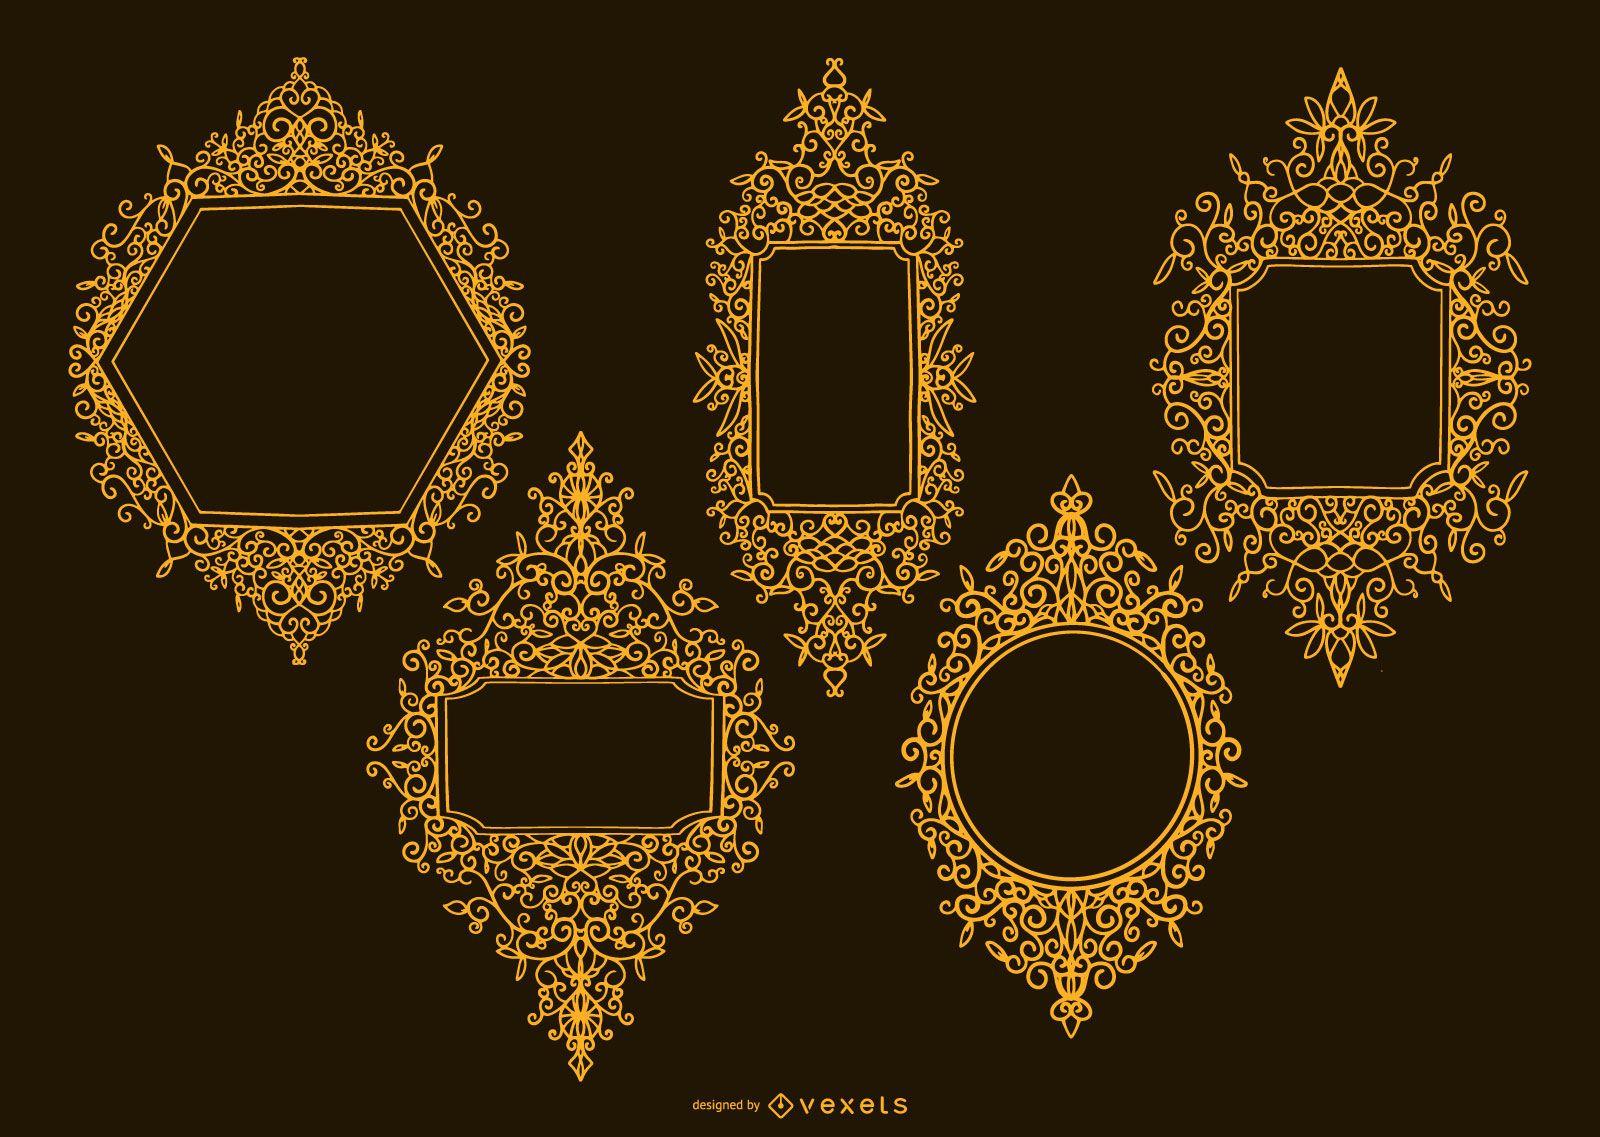 Golden Ornamental Frame Design Pack